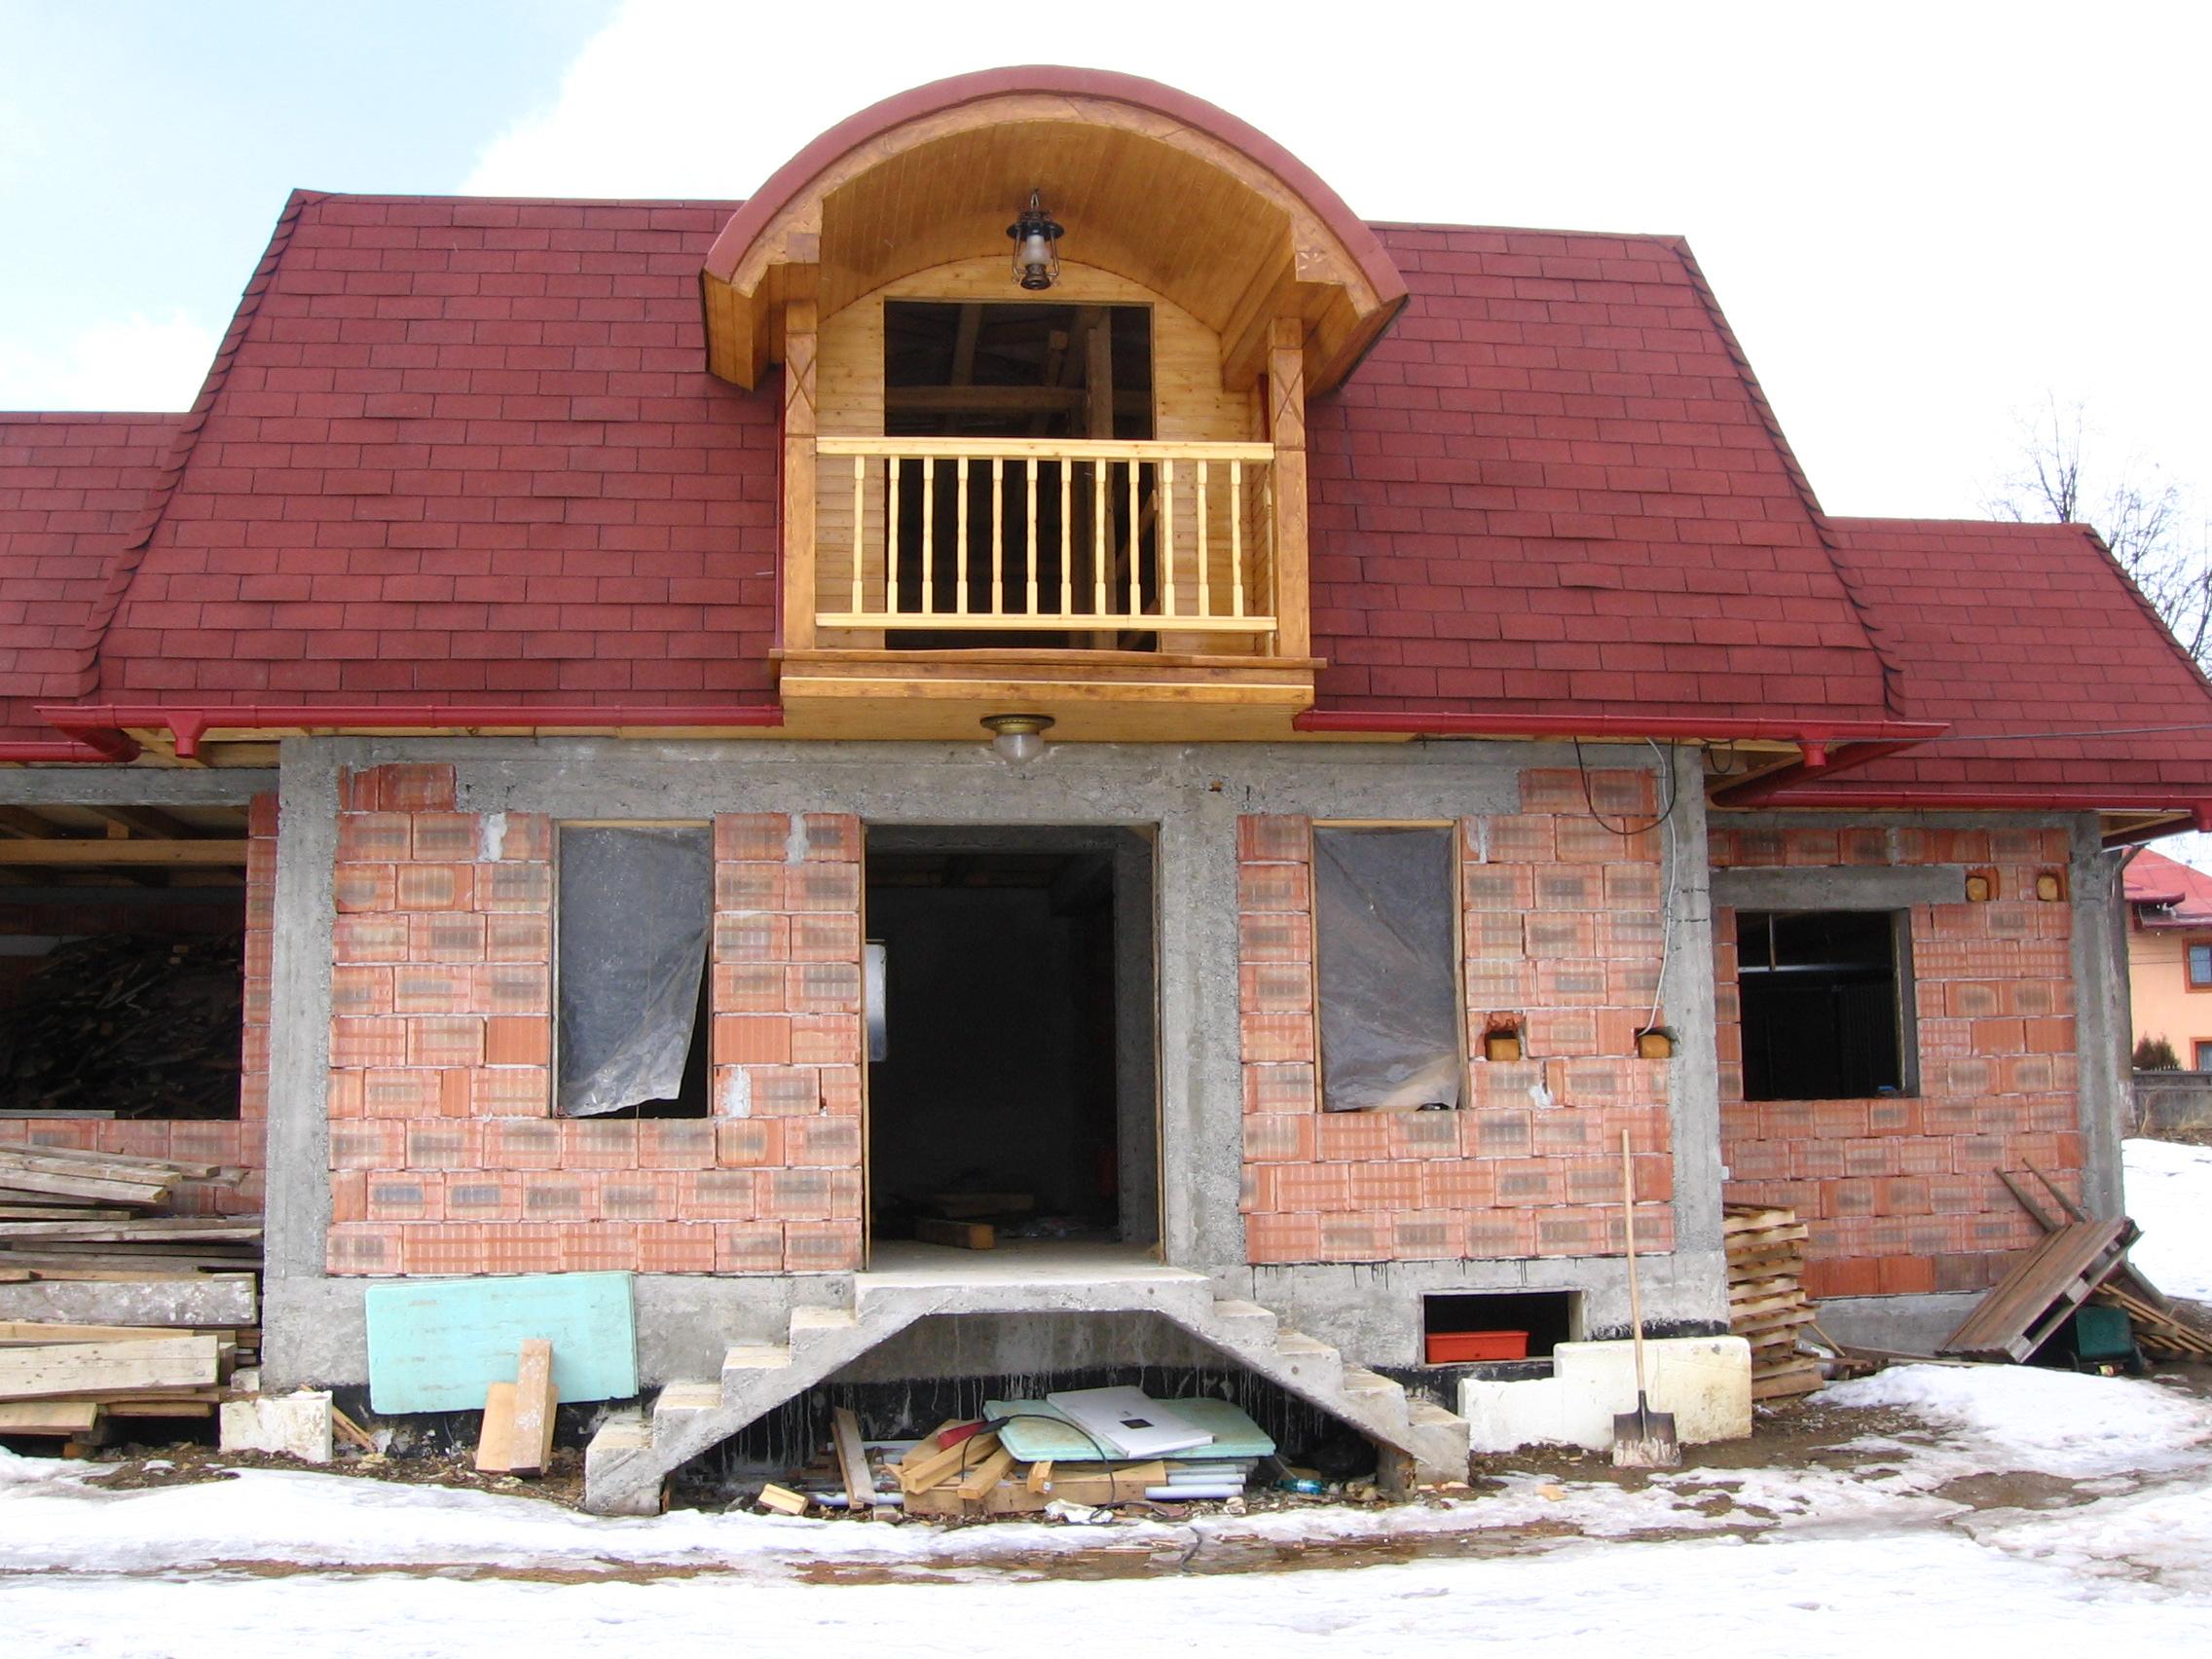 10 greseli in constructii – cum le evitam?